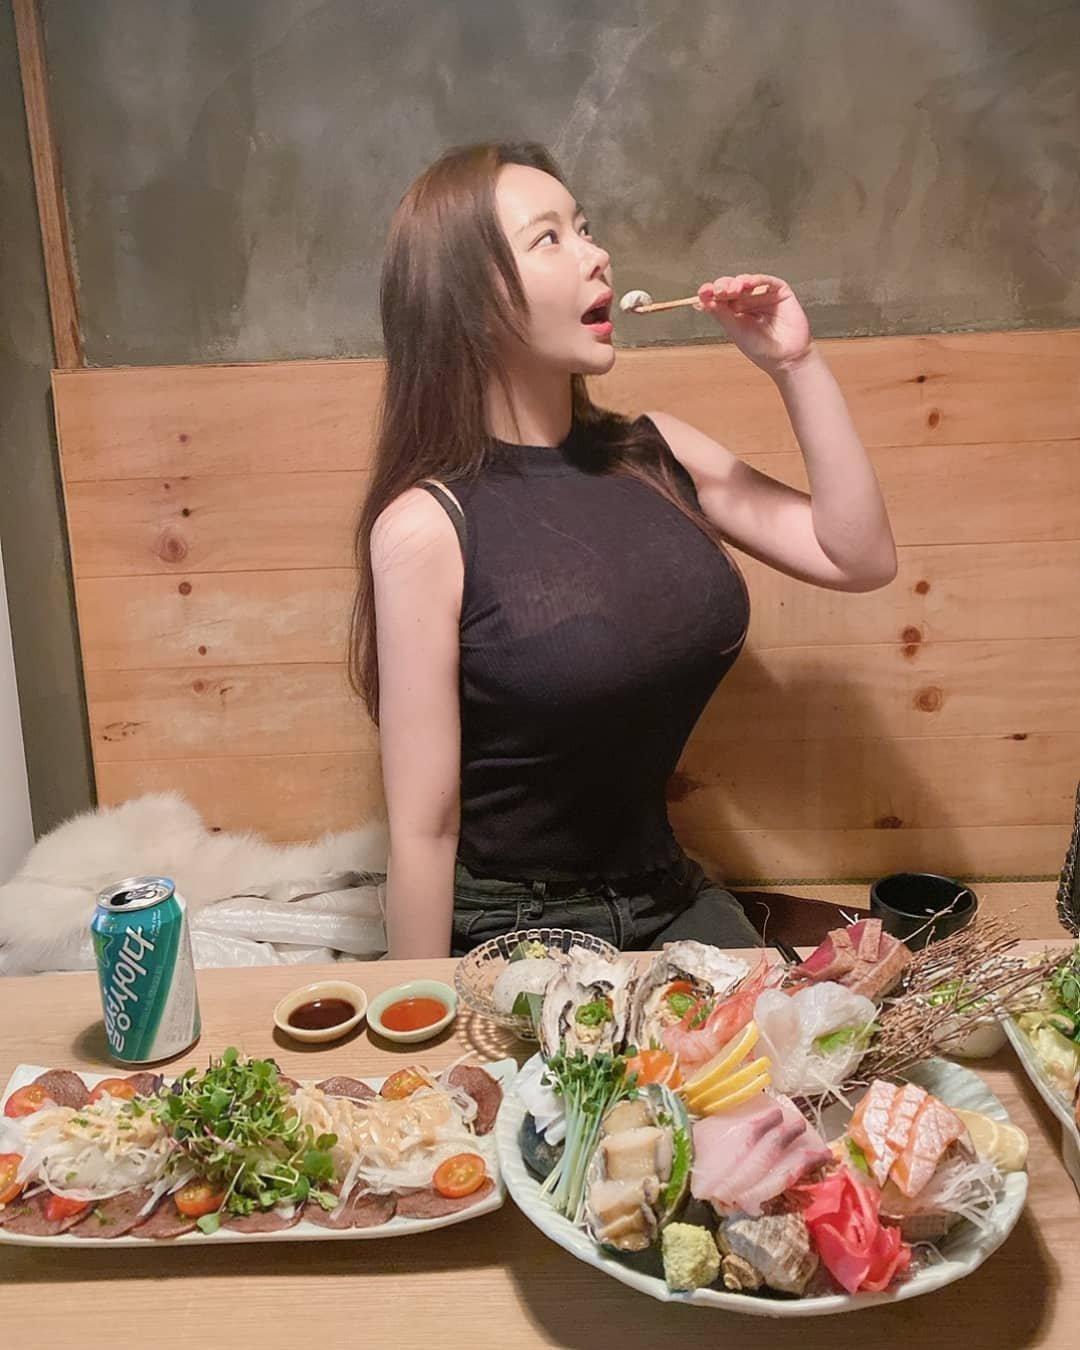 跟这样的大姐姐一起吃饭需要注意什么